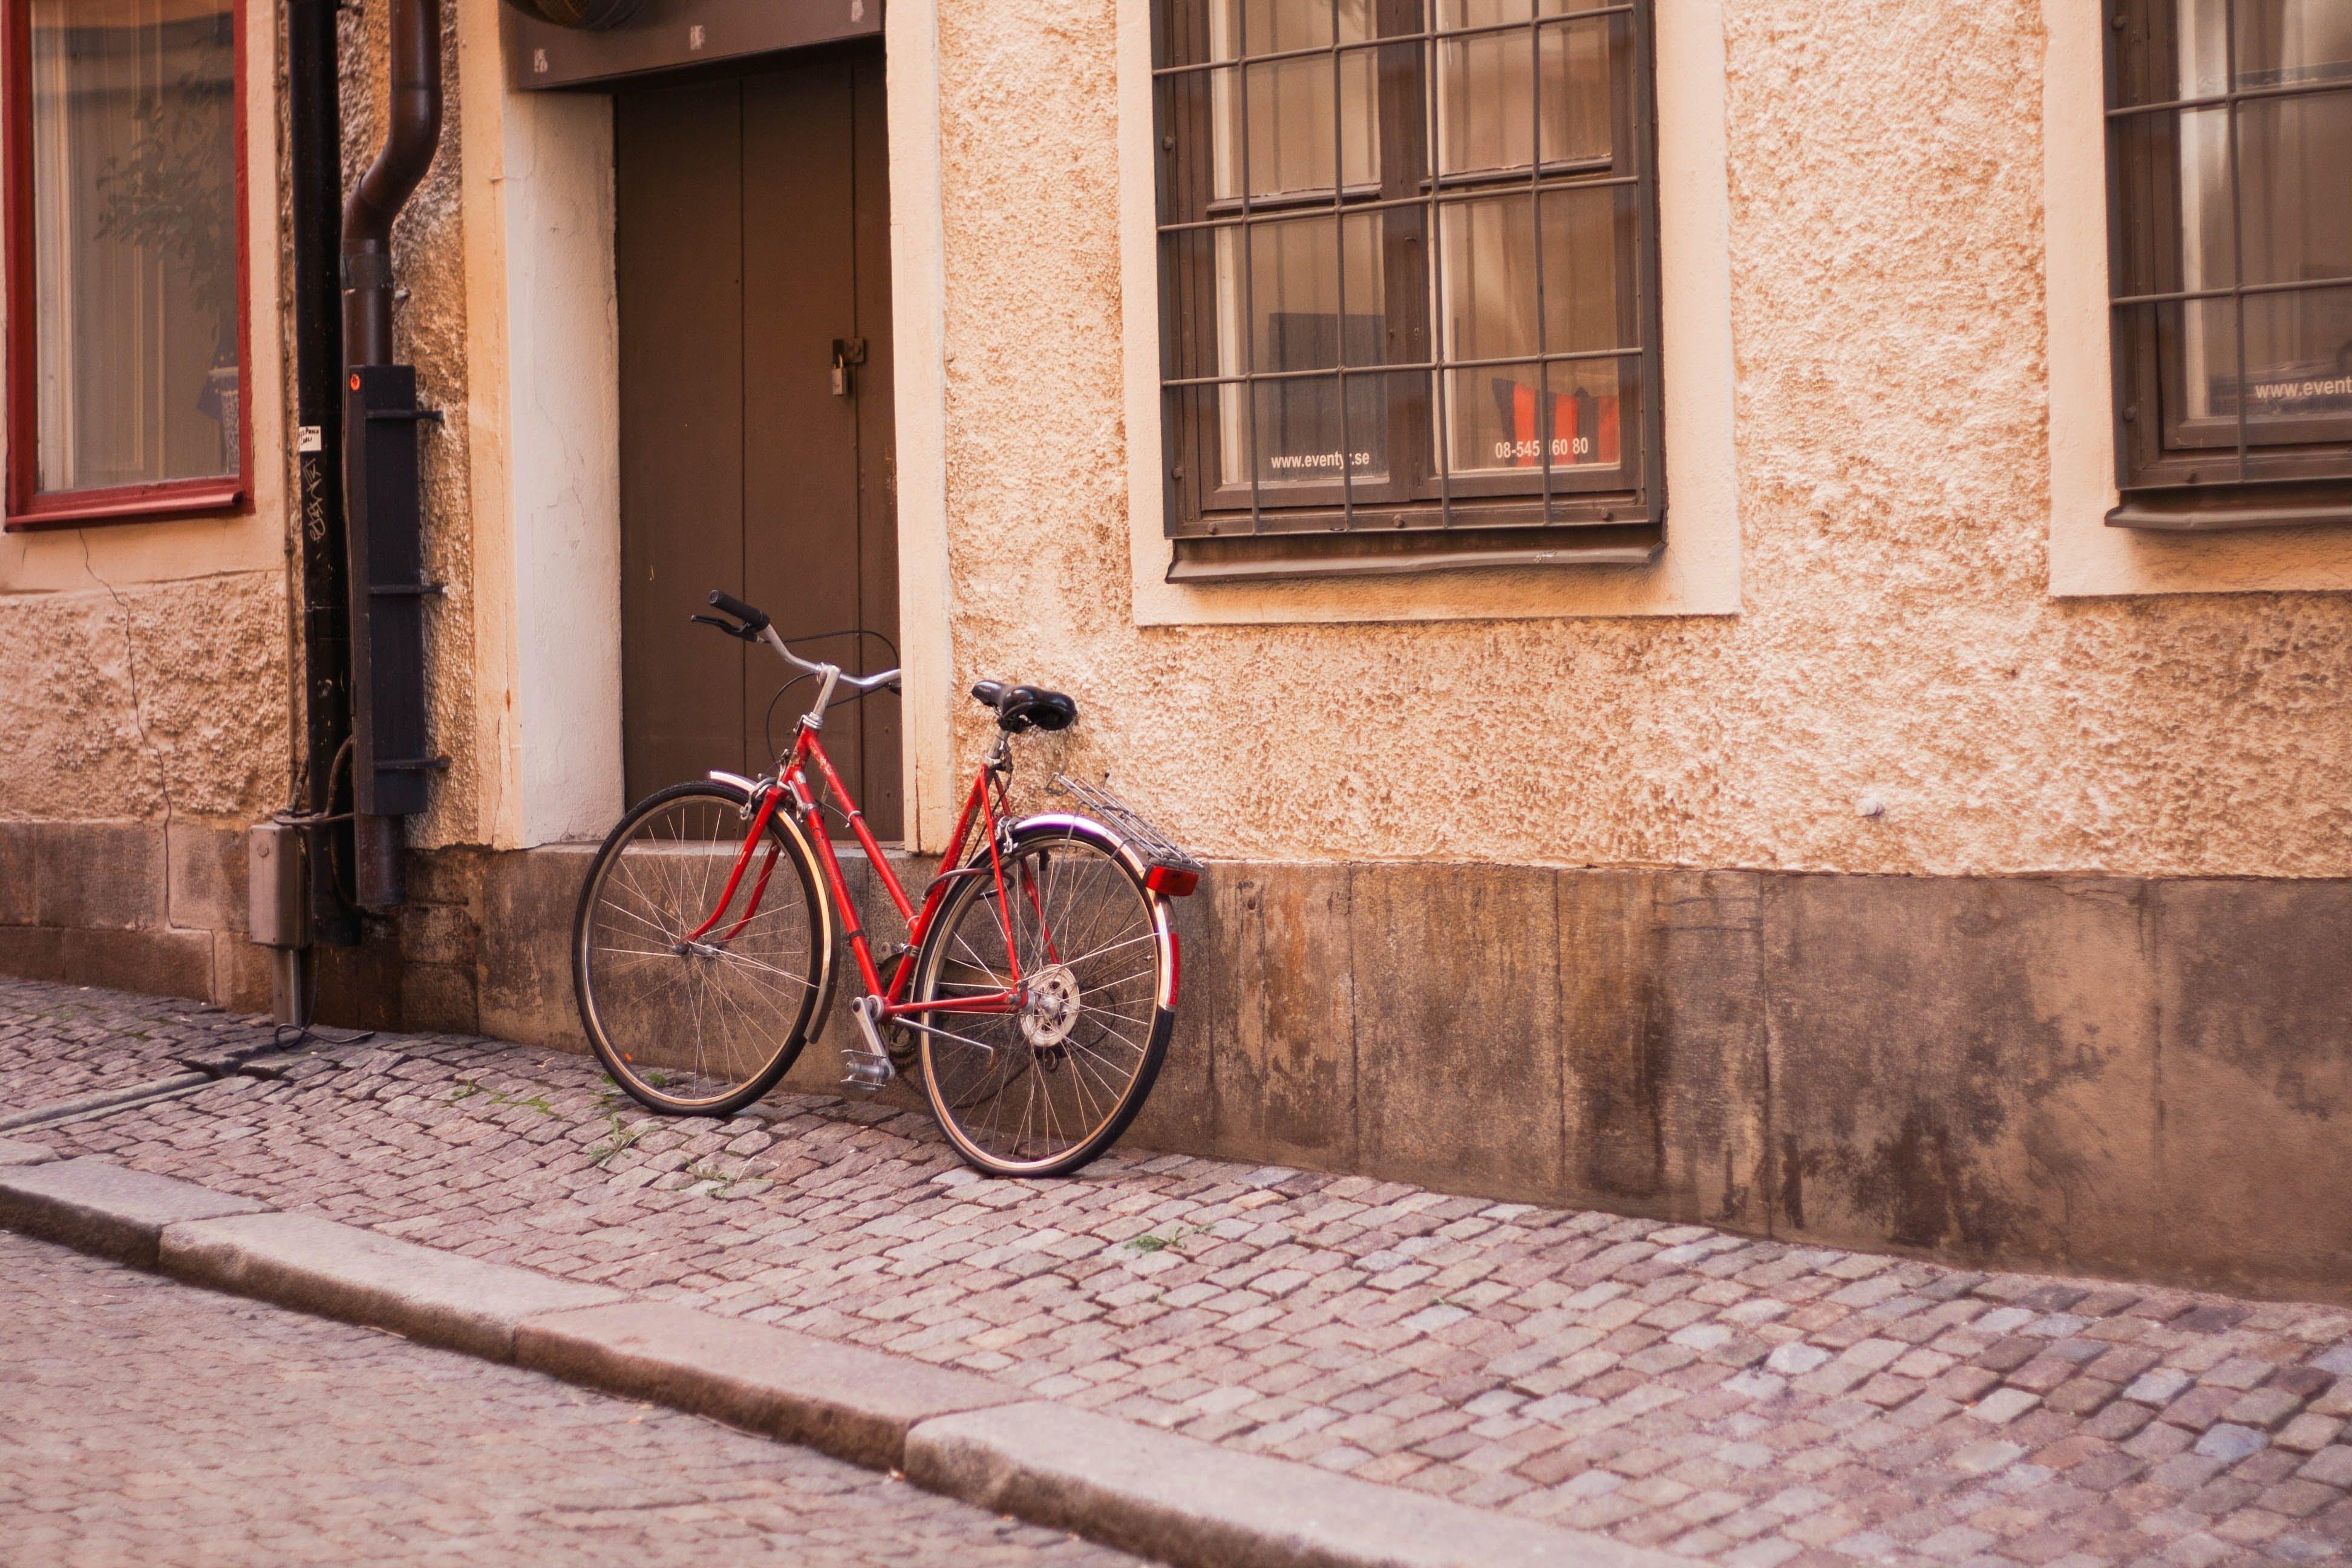 Gratis lagerfoto af bygning, cykel, dør, døråbning